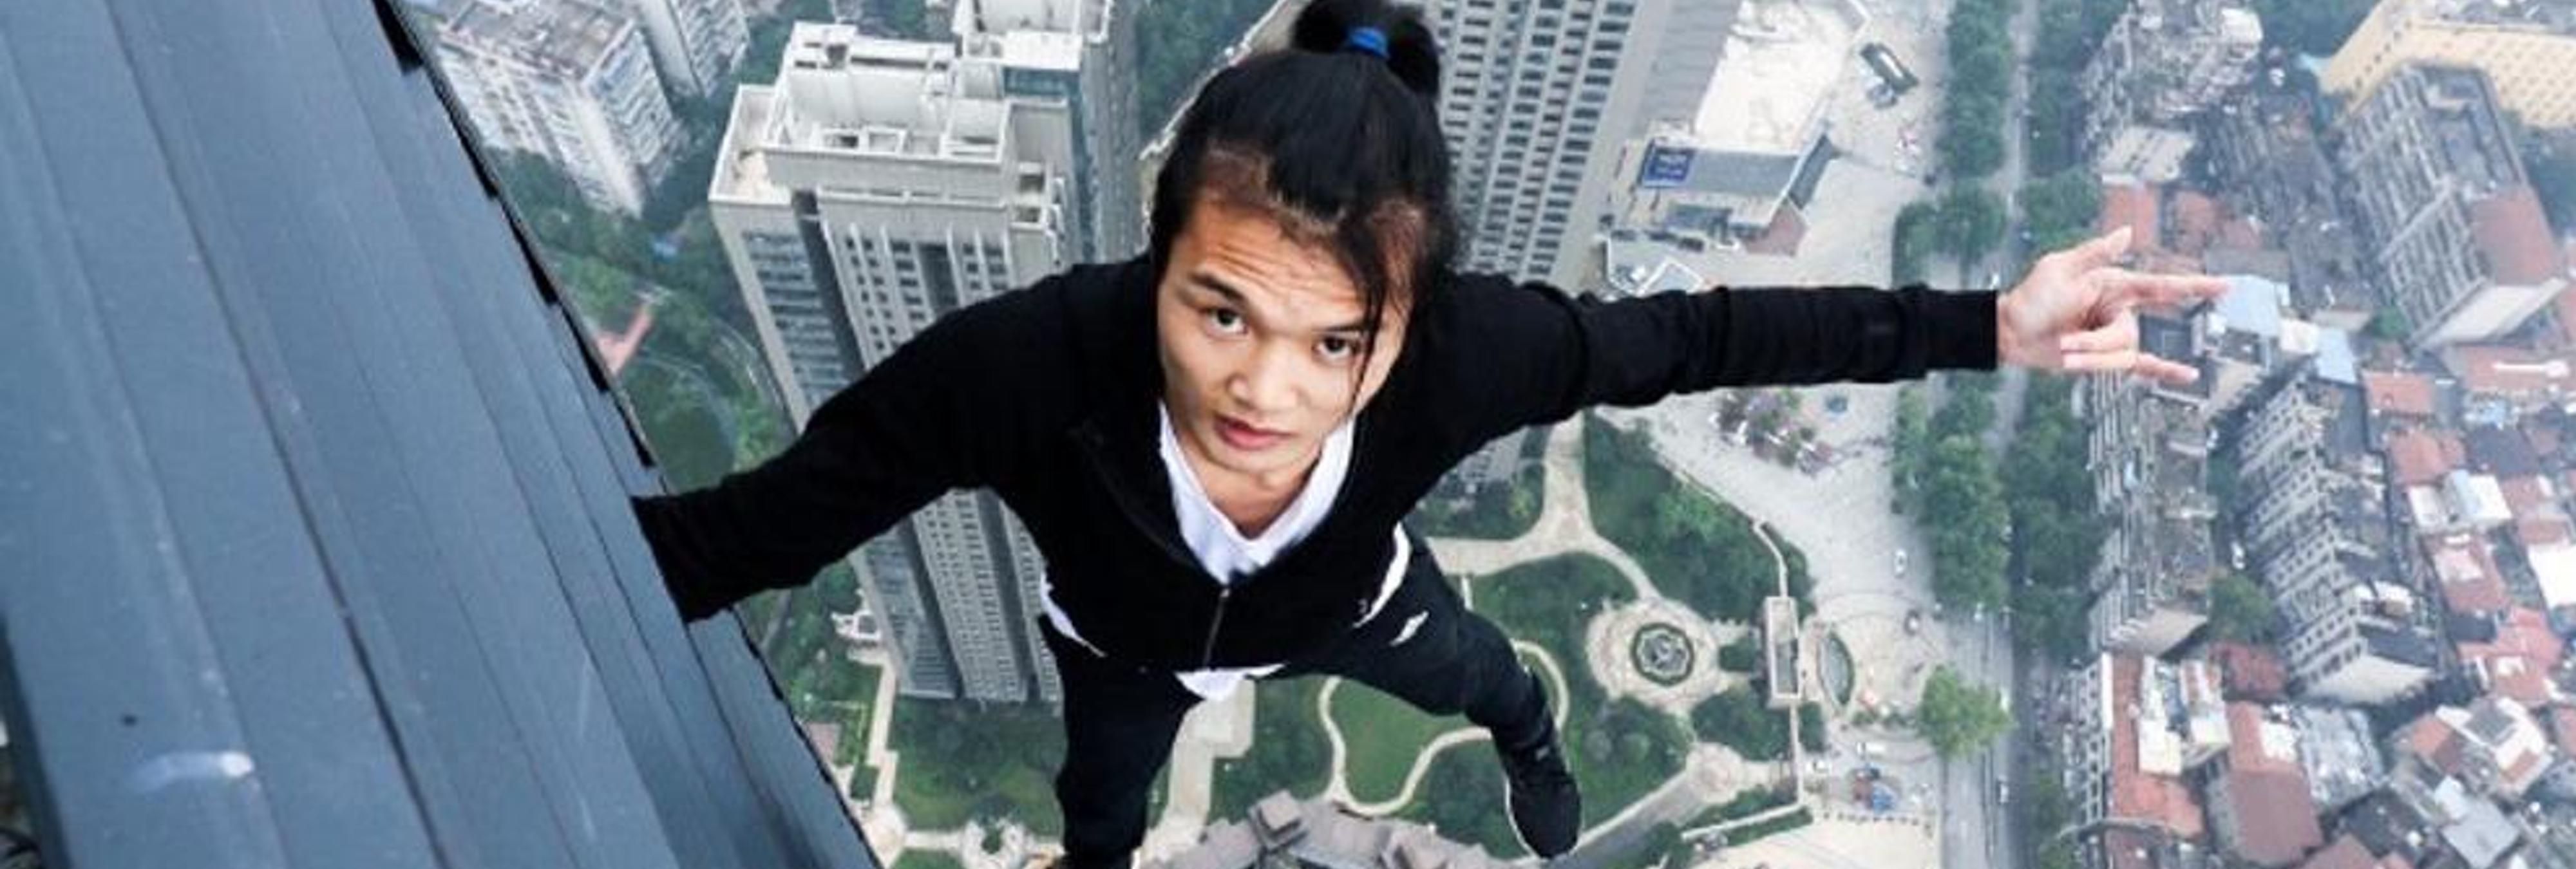 Un youtuber graba su propia muerte desde lo alto de un rascacielos